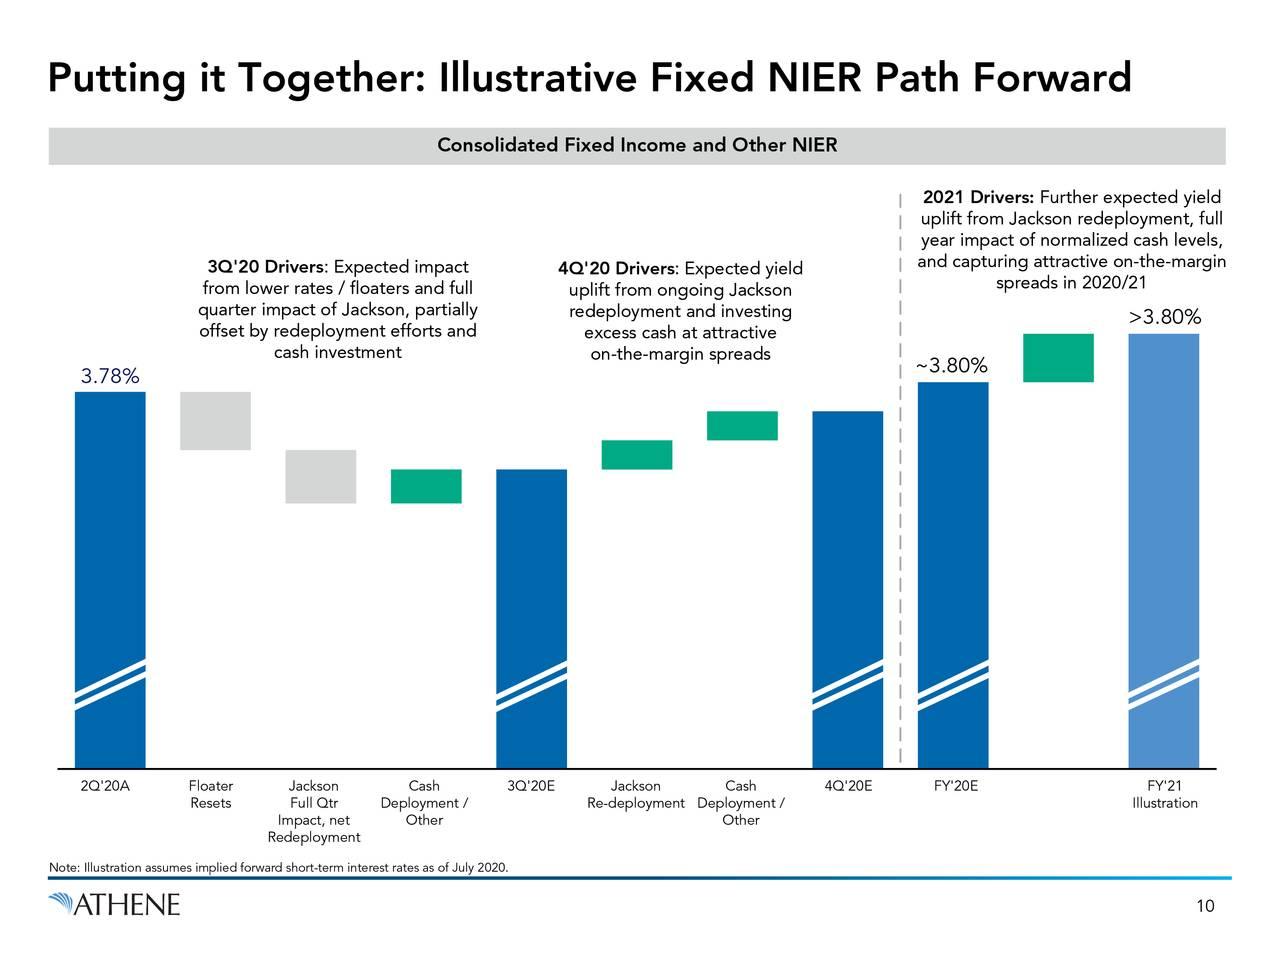 Poniéndolo en conjunto: ruta NIER fija ilustrativa hacia adelante